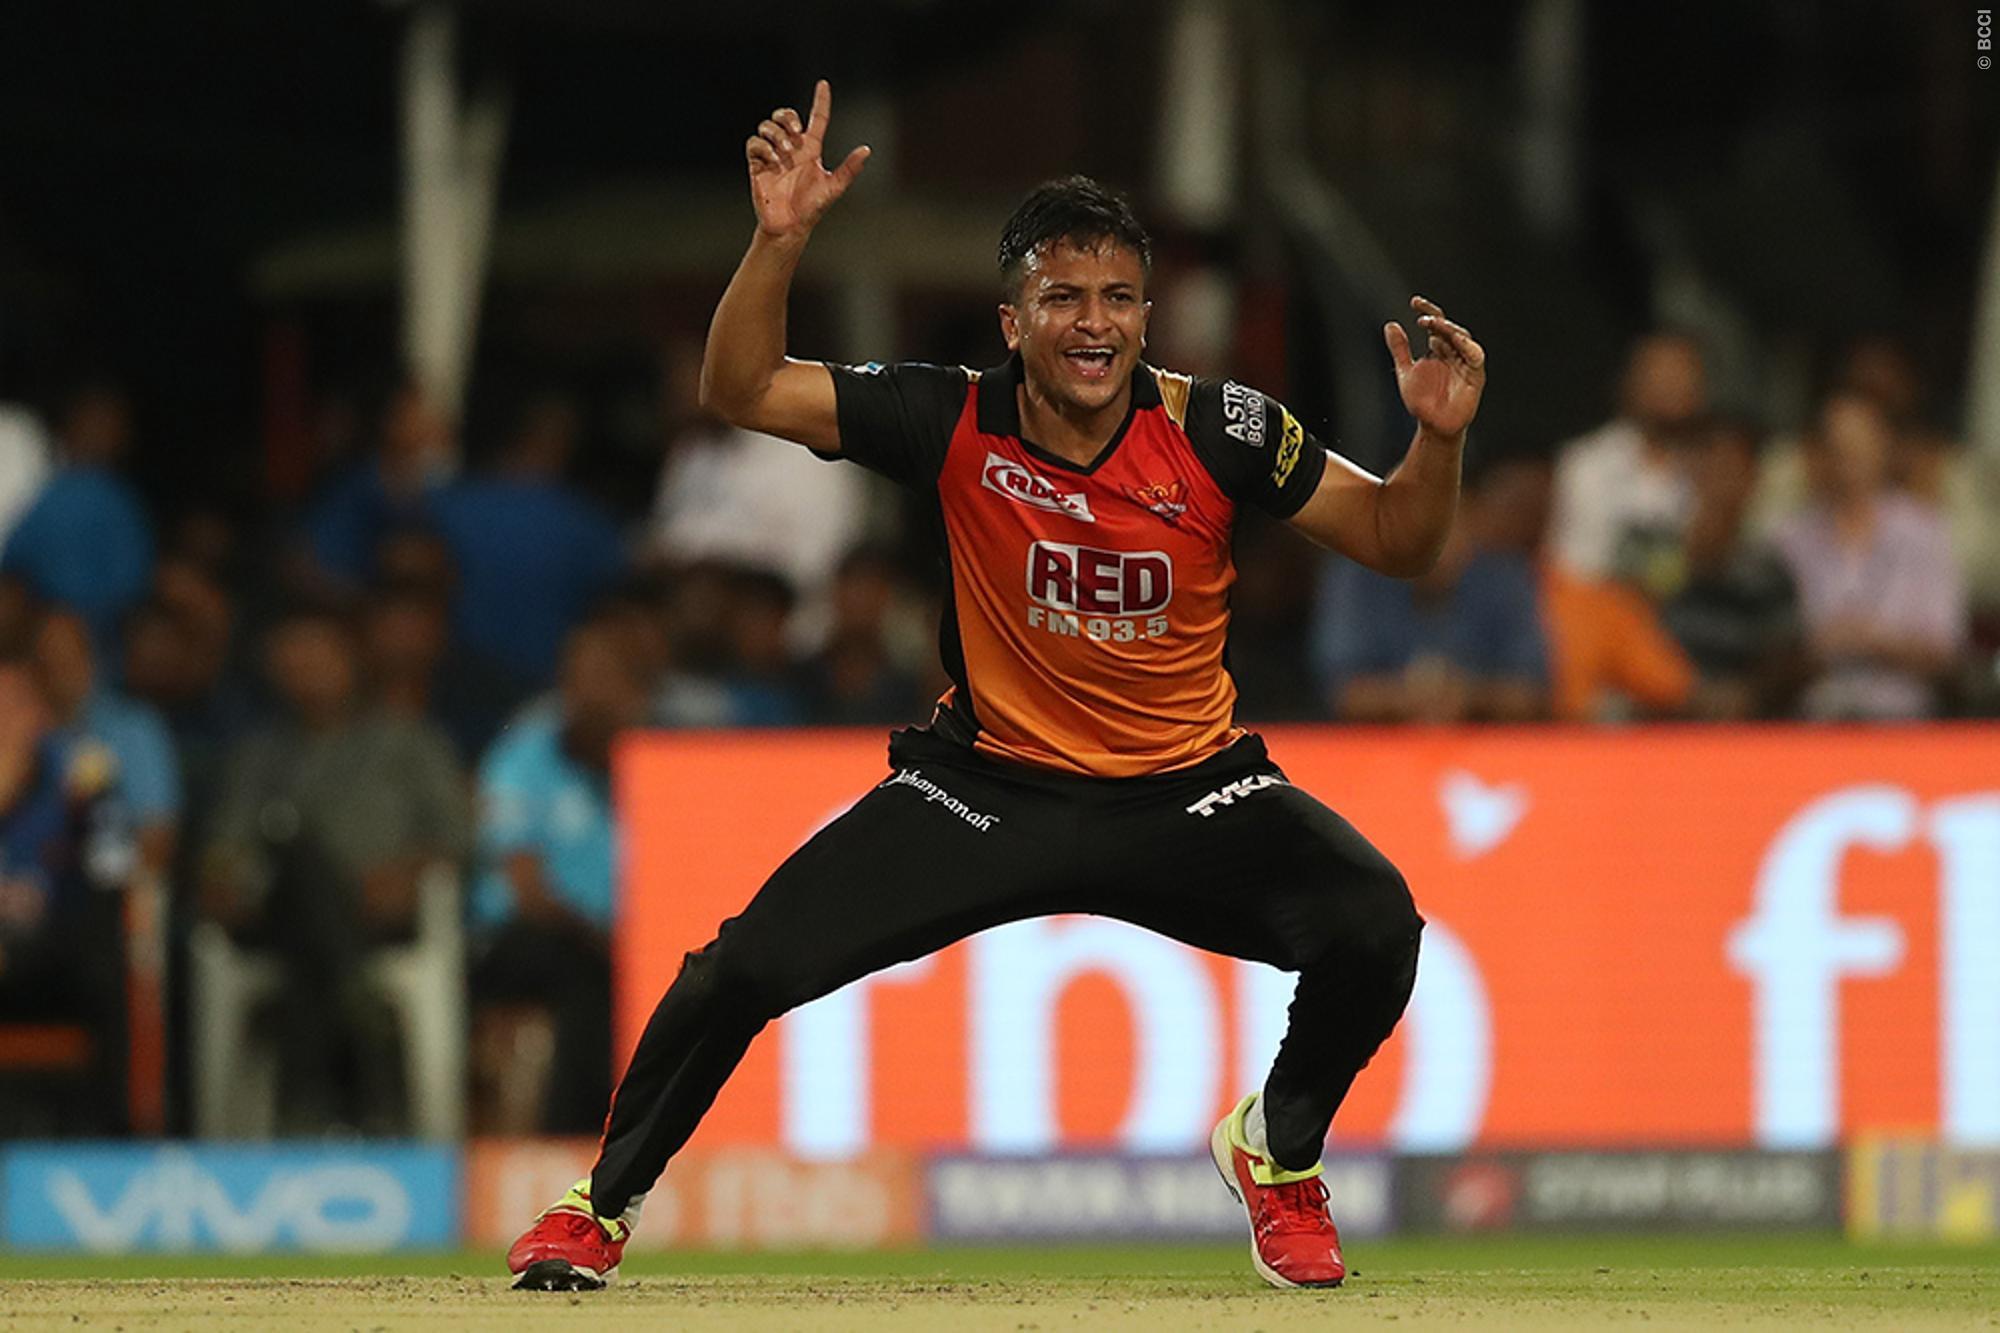 शाकिब अल हसन ने चुनी आईपीएल इलेवन, गौतम गंभीर को बनाया कप्तान 12